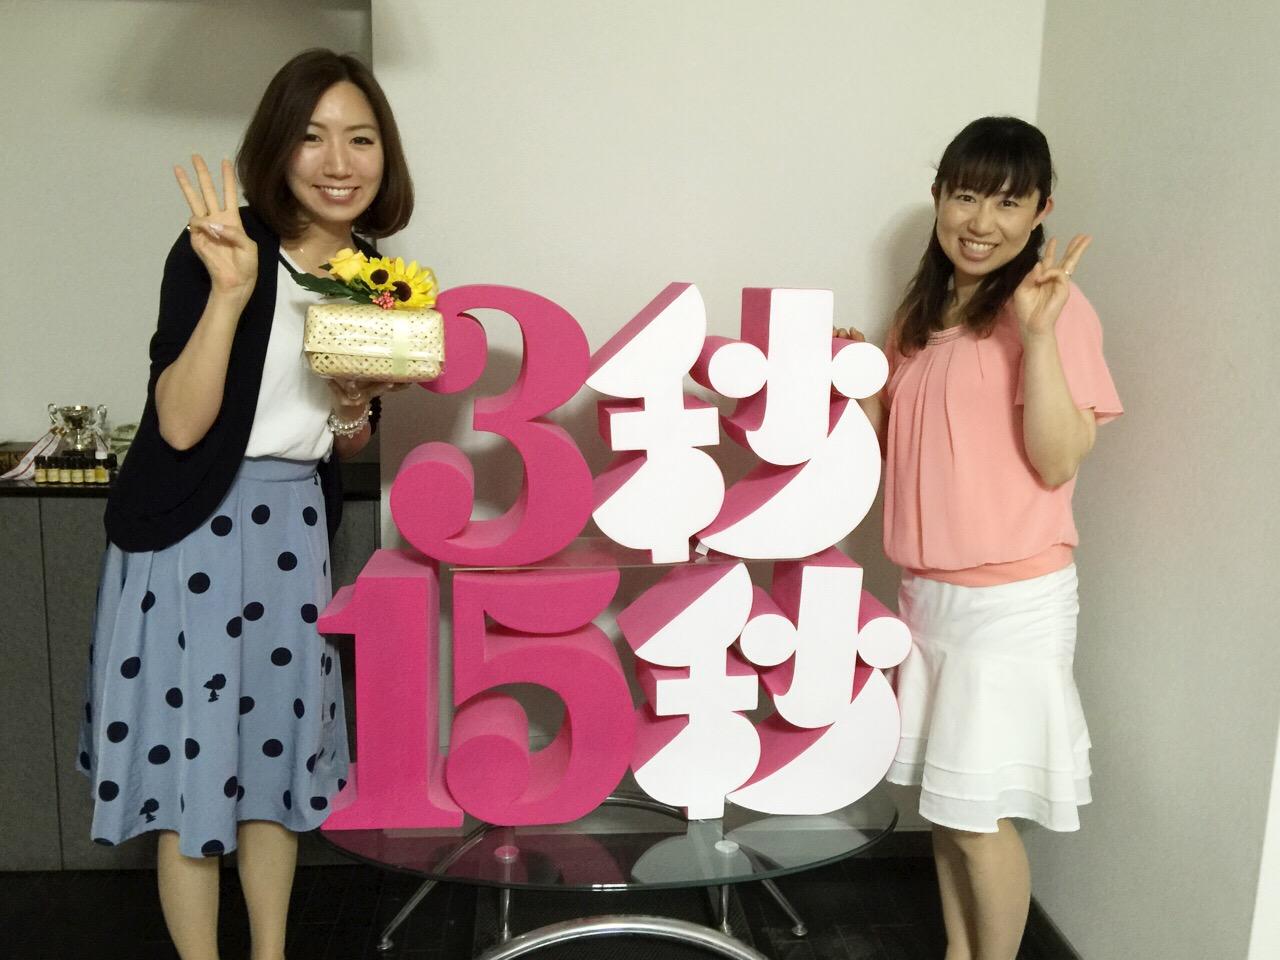 お客様の声「セルフプロモーションパーフェクトコンサルティング」名古屋で料理教室を営む宮本友未様より